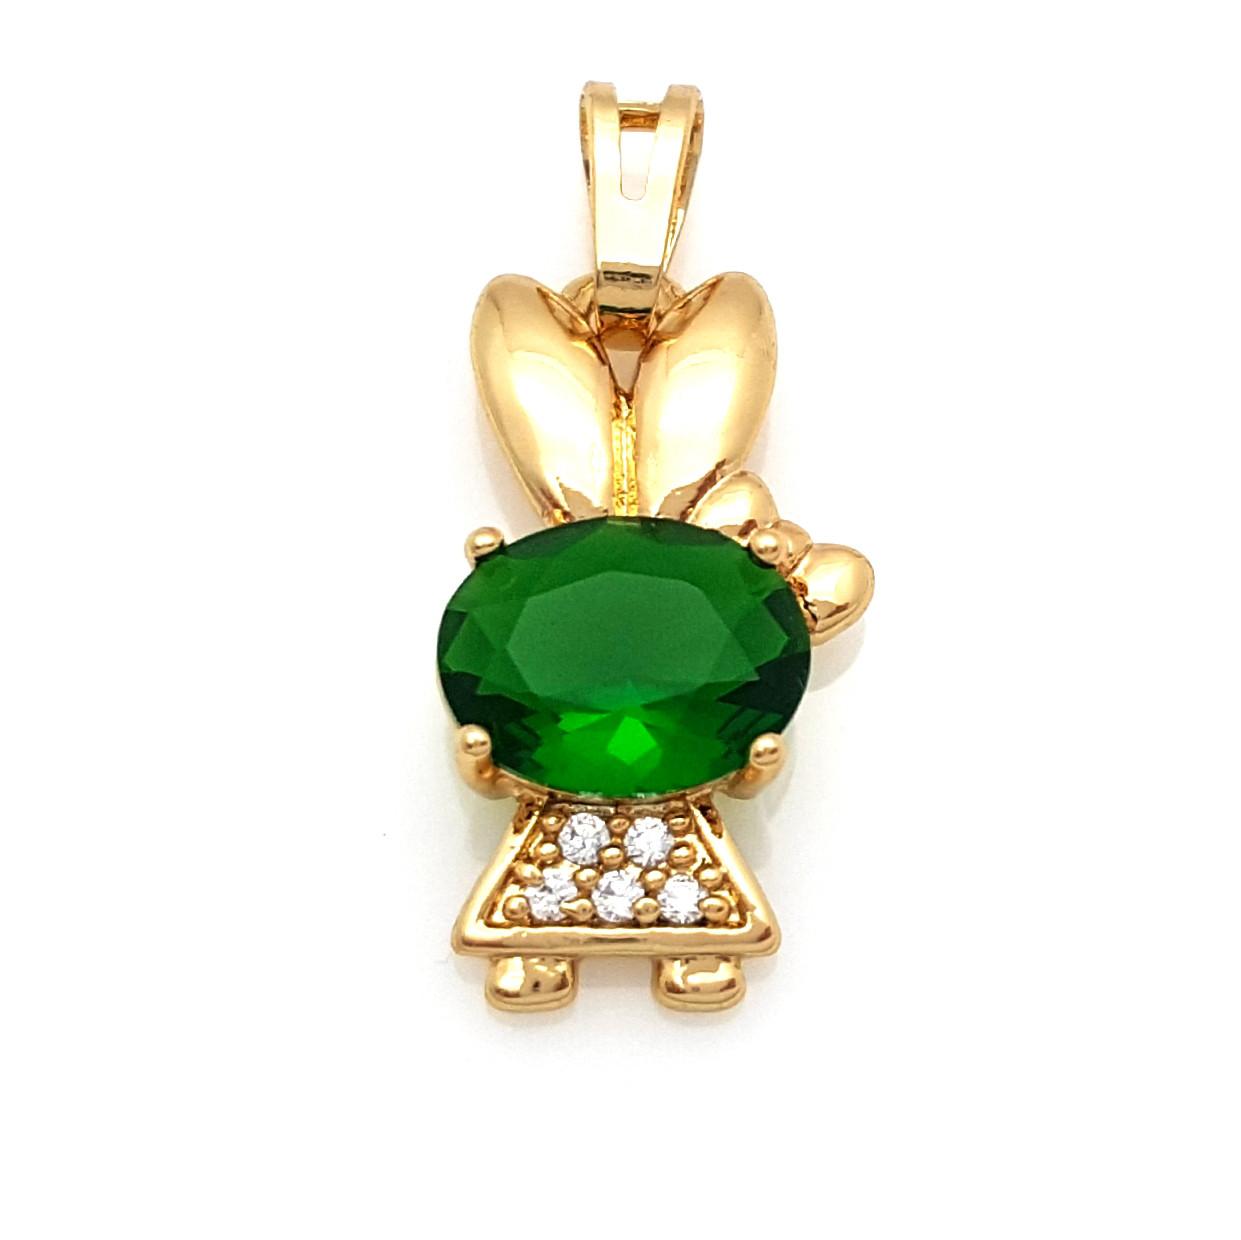 Кулон позолочений, Зайченя зі вставкою зеленого цирконію, Xuping, 18К